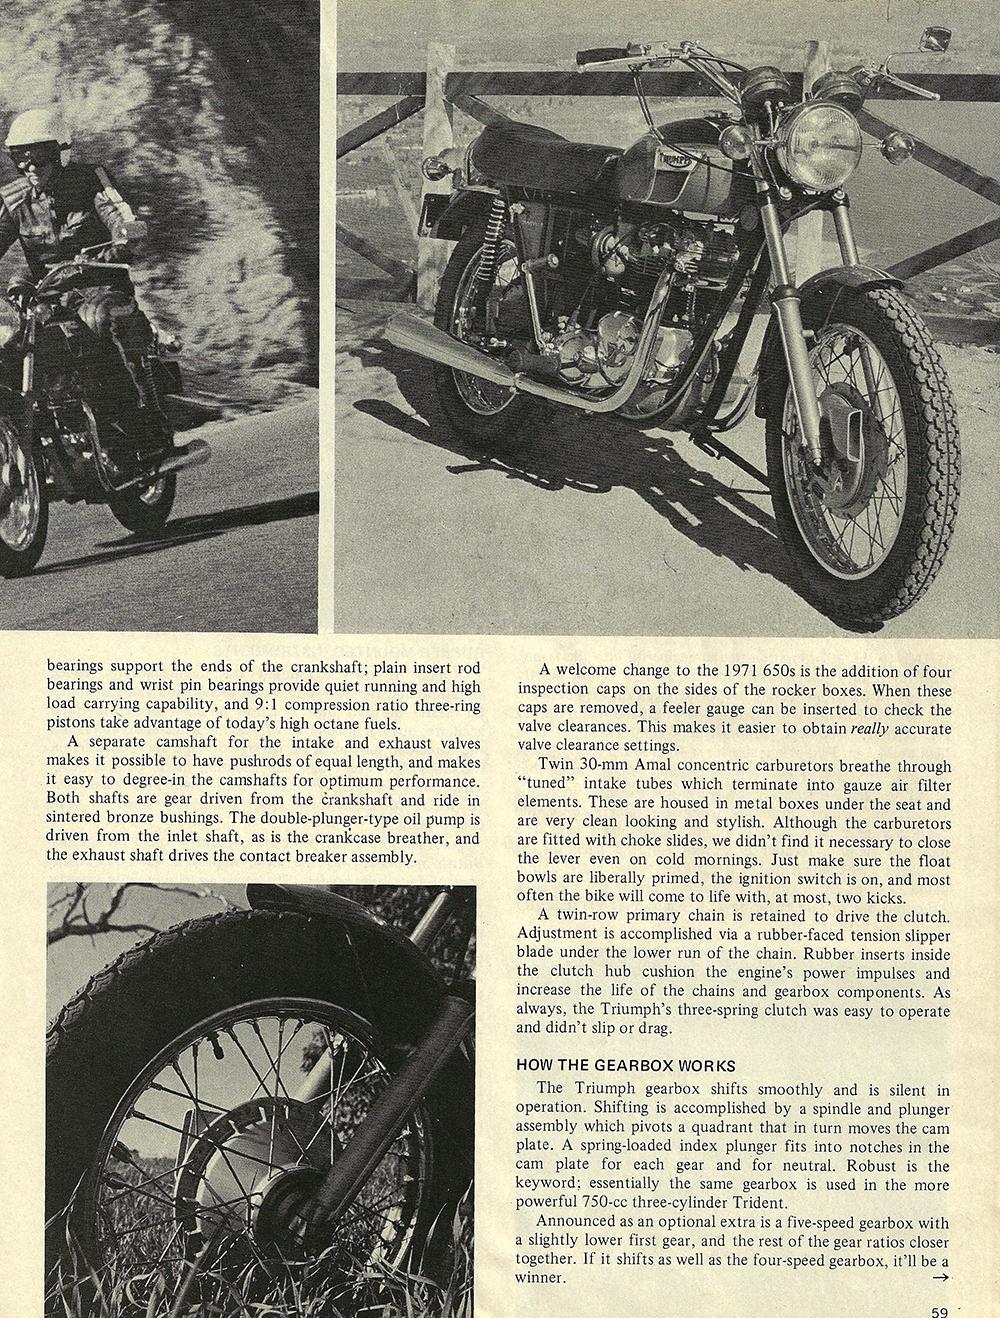 1971 Triumph T120R Bonneville road test 04.jpg